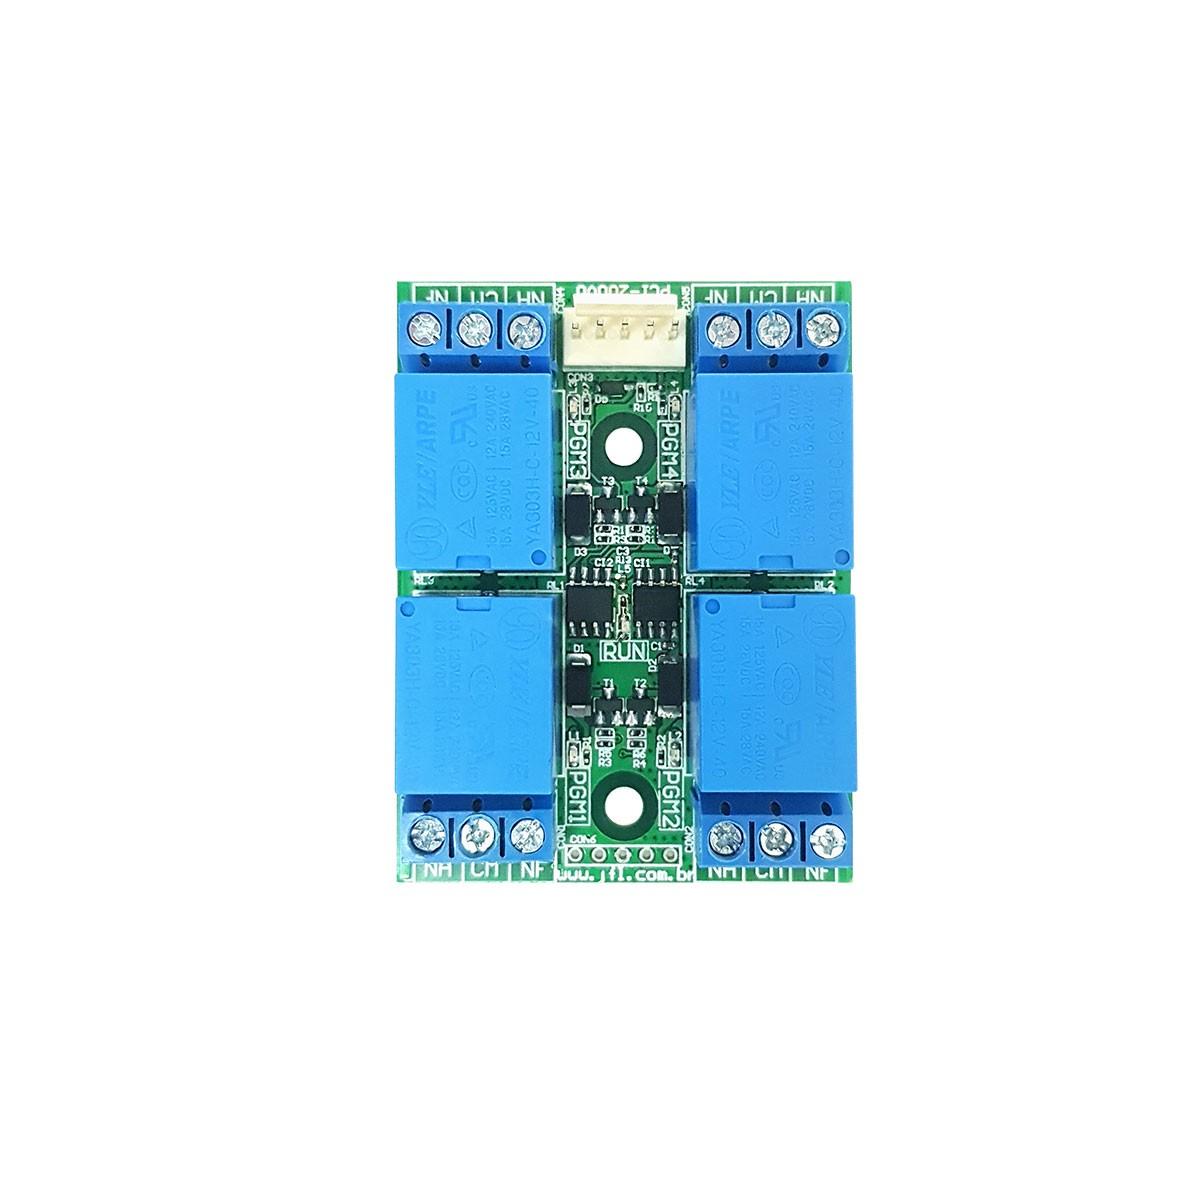 Kit Alarme Active 32 Duo Jfl com Sensores Pet 520 Duo e Sl 220 Duo